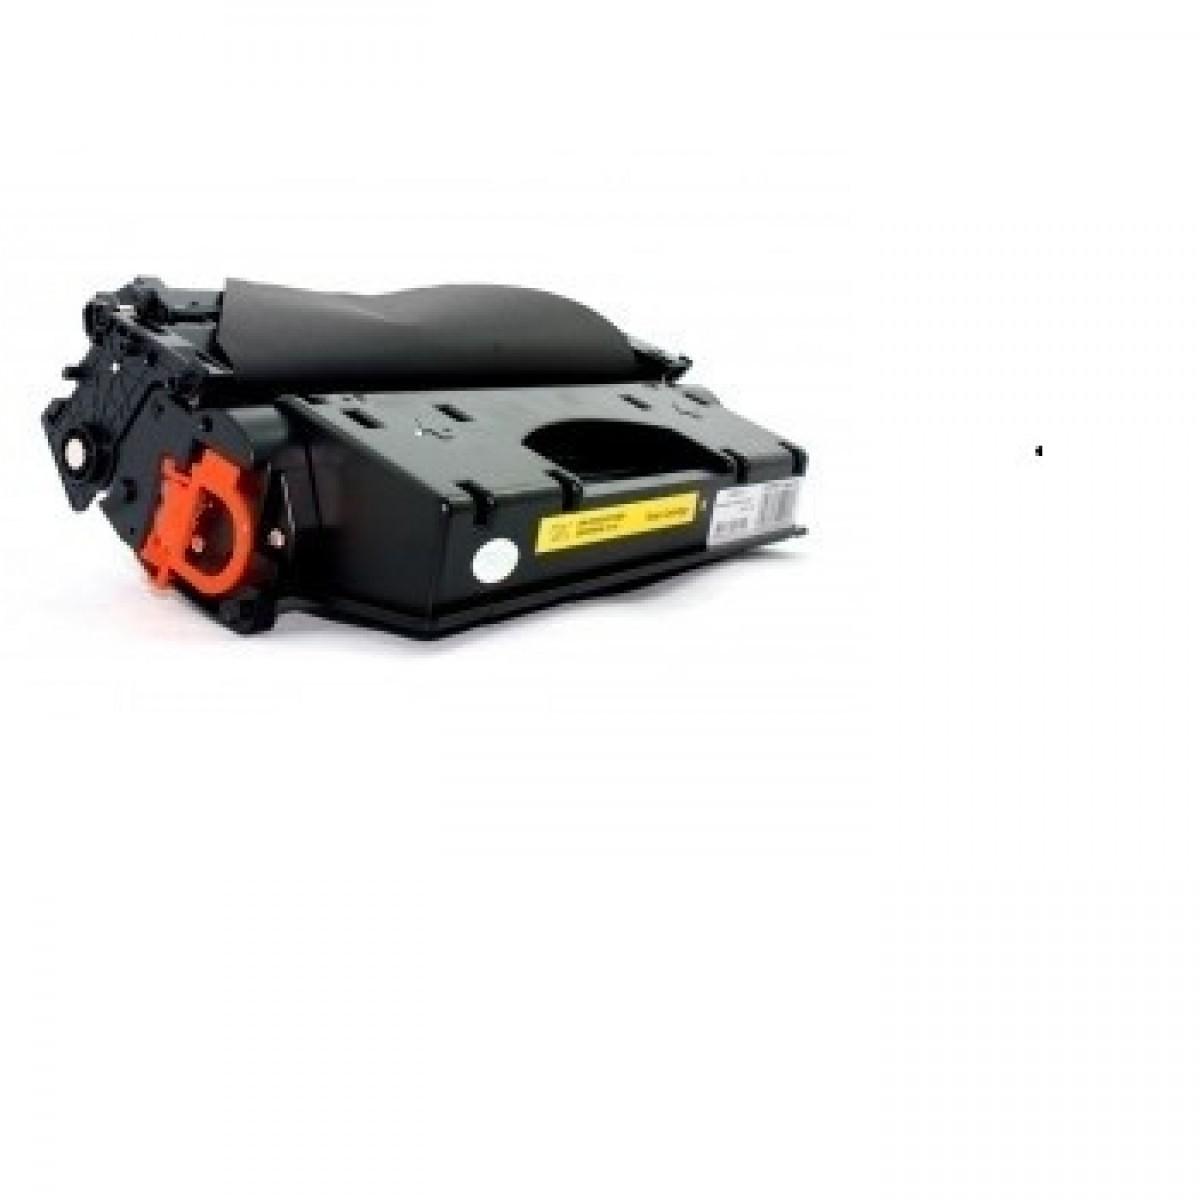 Toner HP 505A 505 CF280A 05A 80A 05 80 HP505 HP280  / M425 M401N M425DN M401DN M401DW P2035 P2035N P2050 P2055 / COMPATIVEL BLACK / 2.700